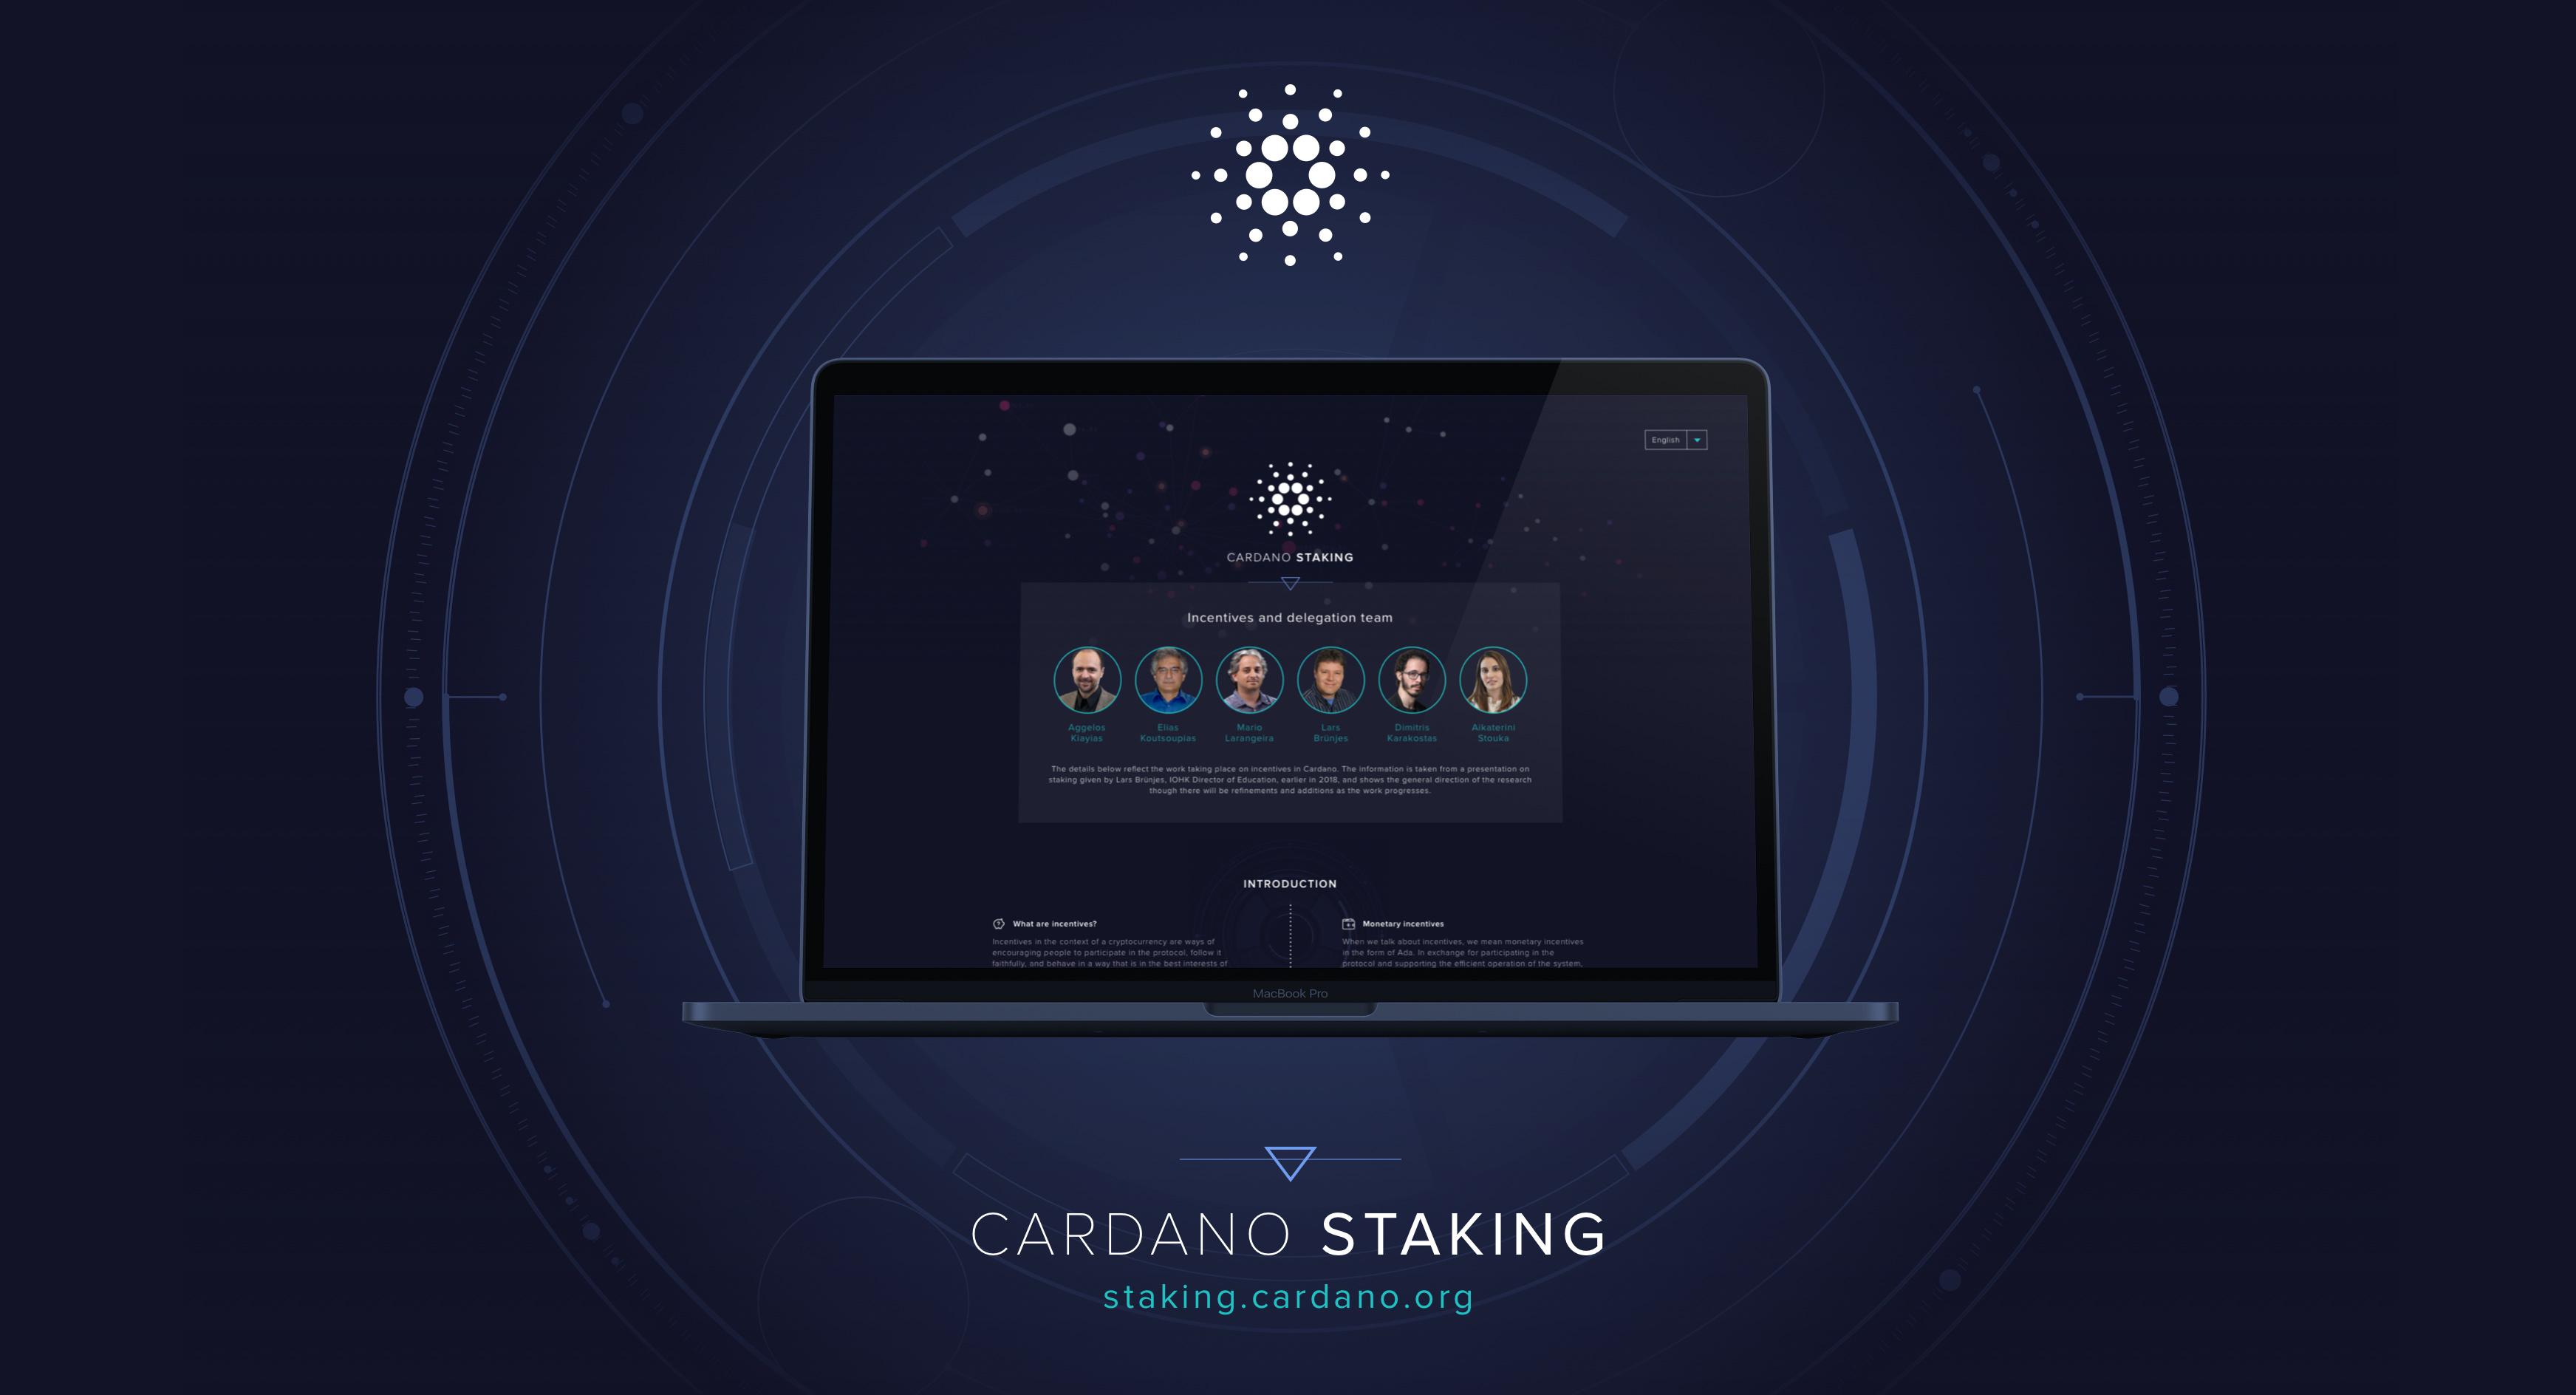 カルダノのインセンティブとステーキング公式サイト公開